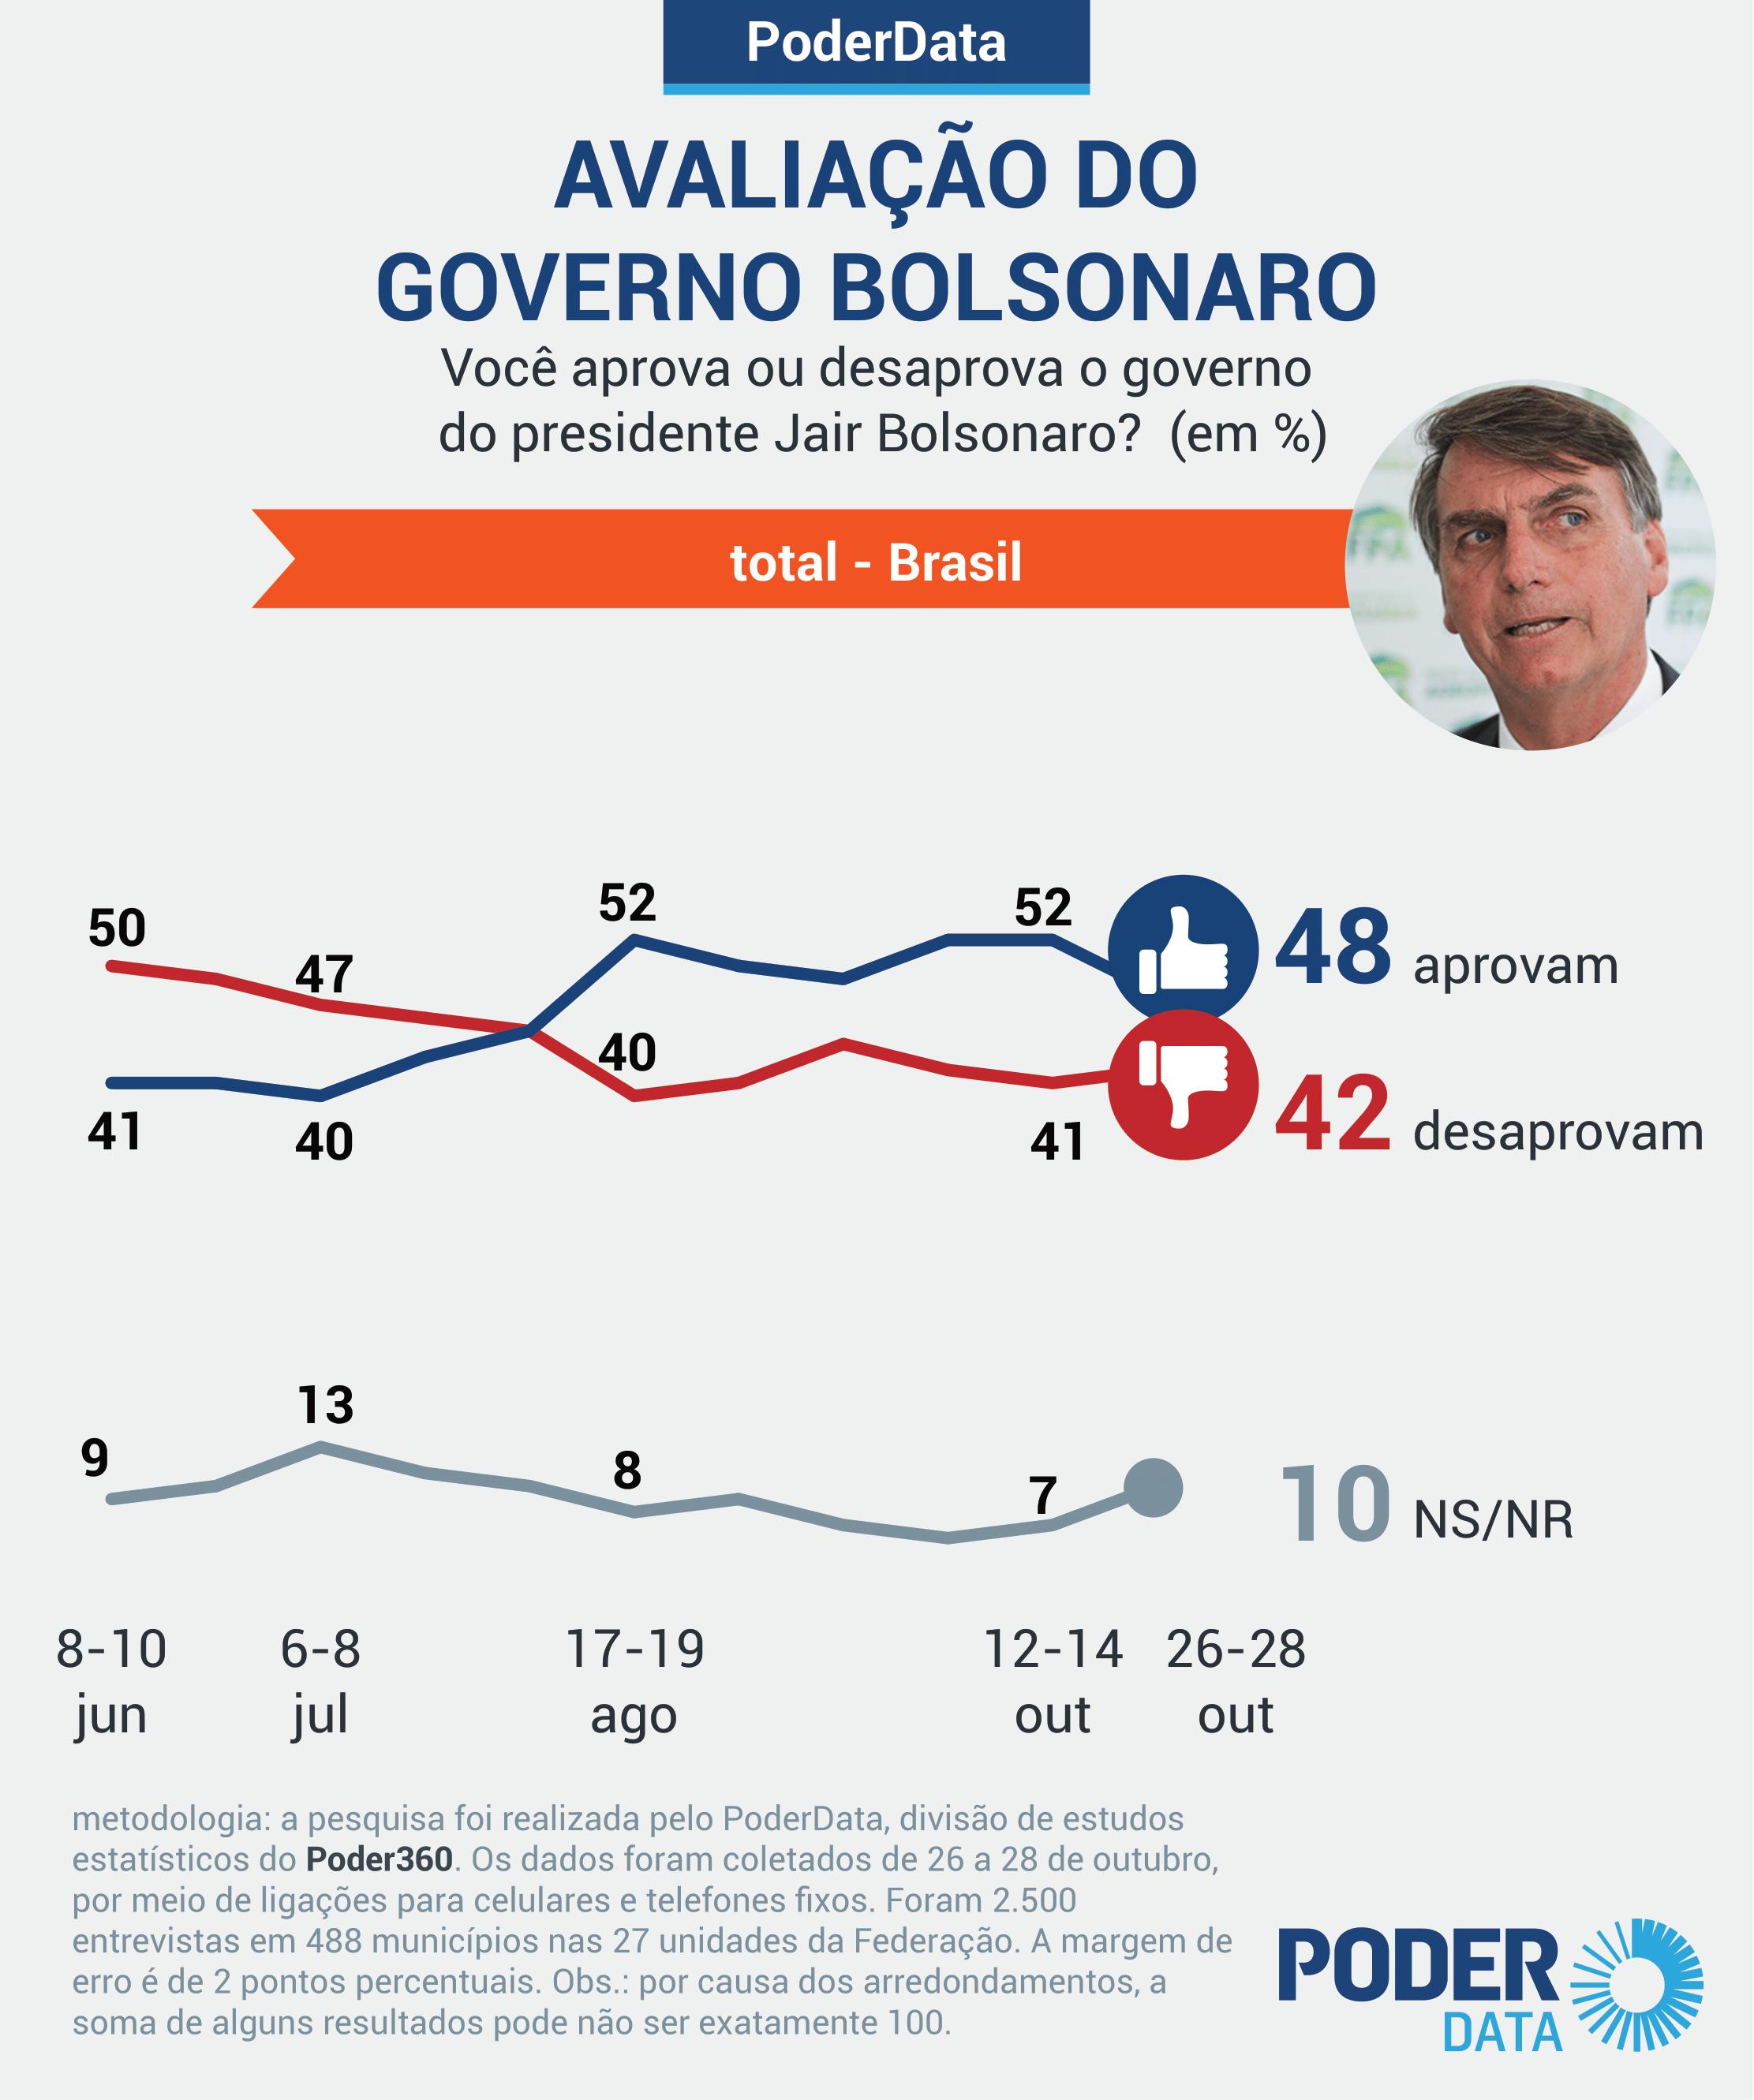 DATAPODER: Aprovação do governo Bolsonaro cai para 48% e desaprovação segue estável com 42%